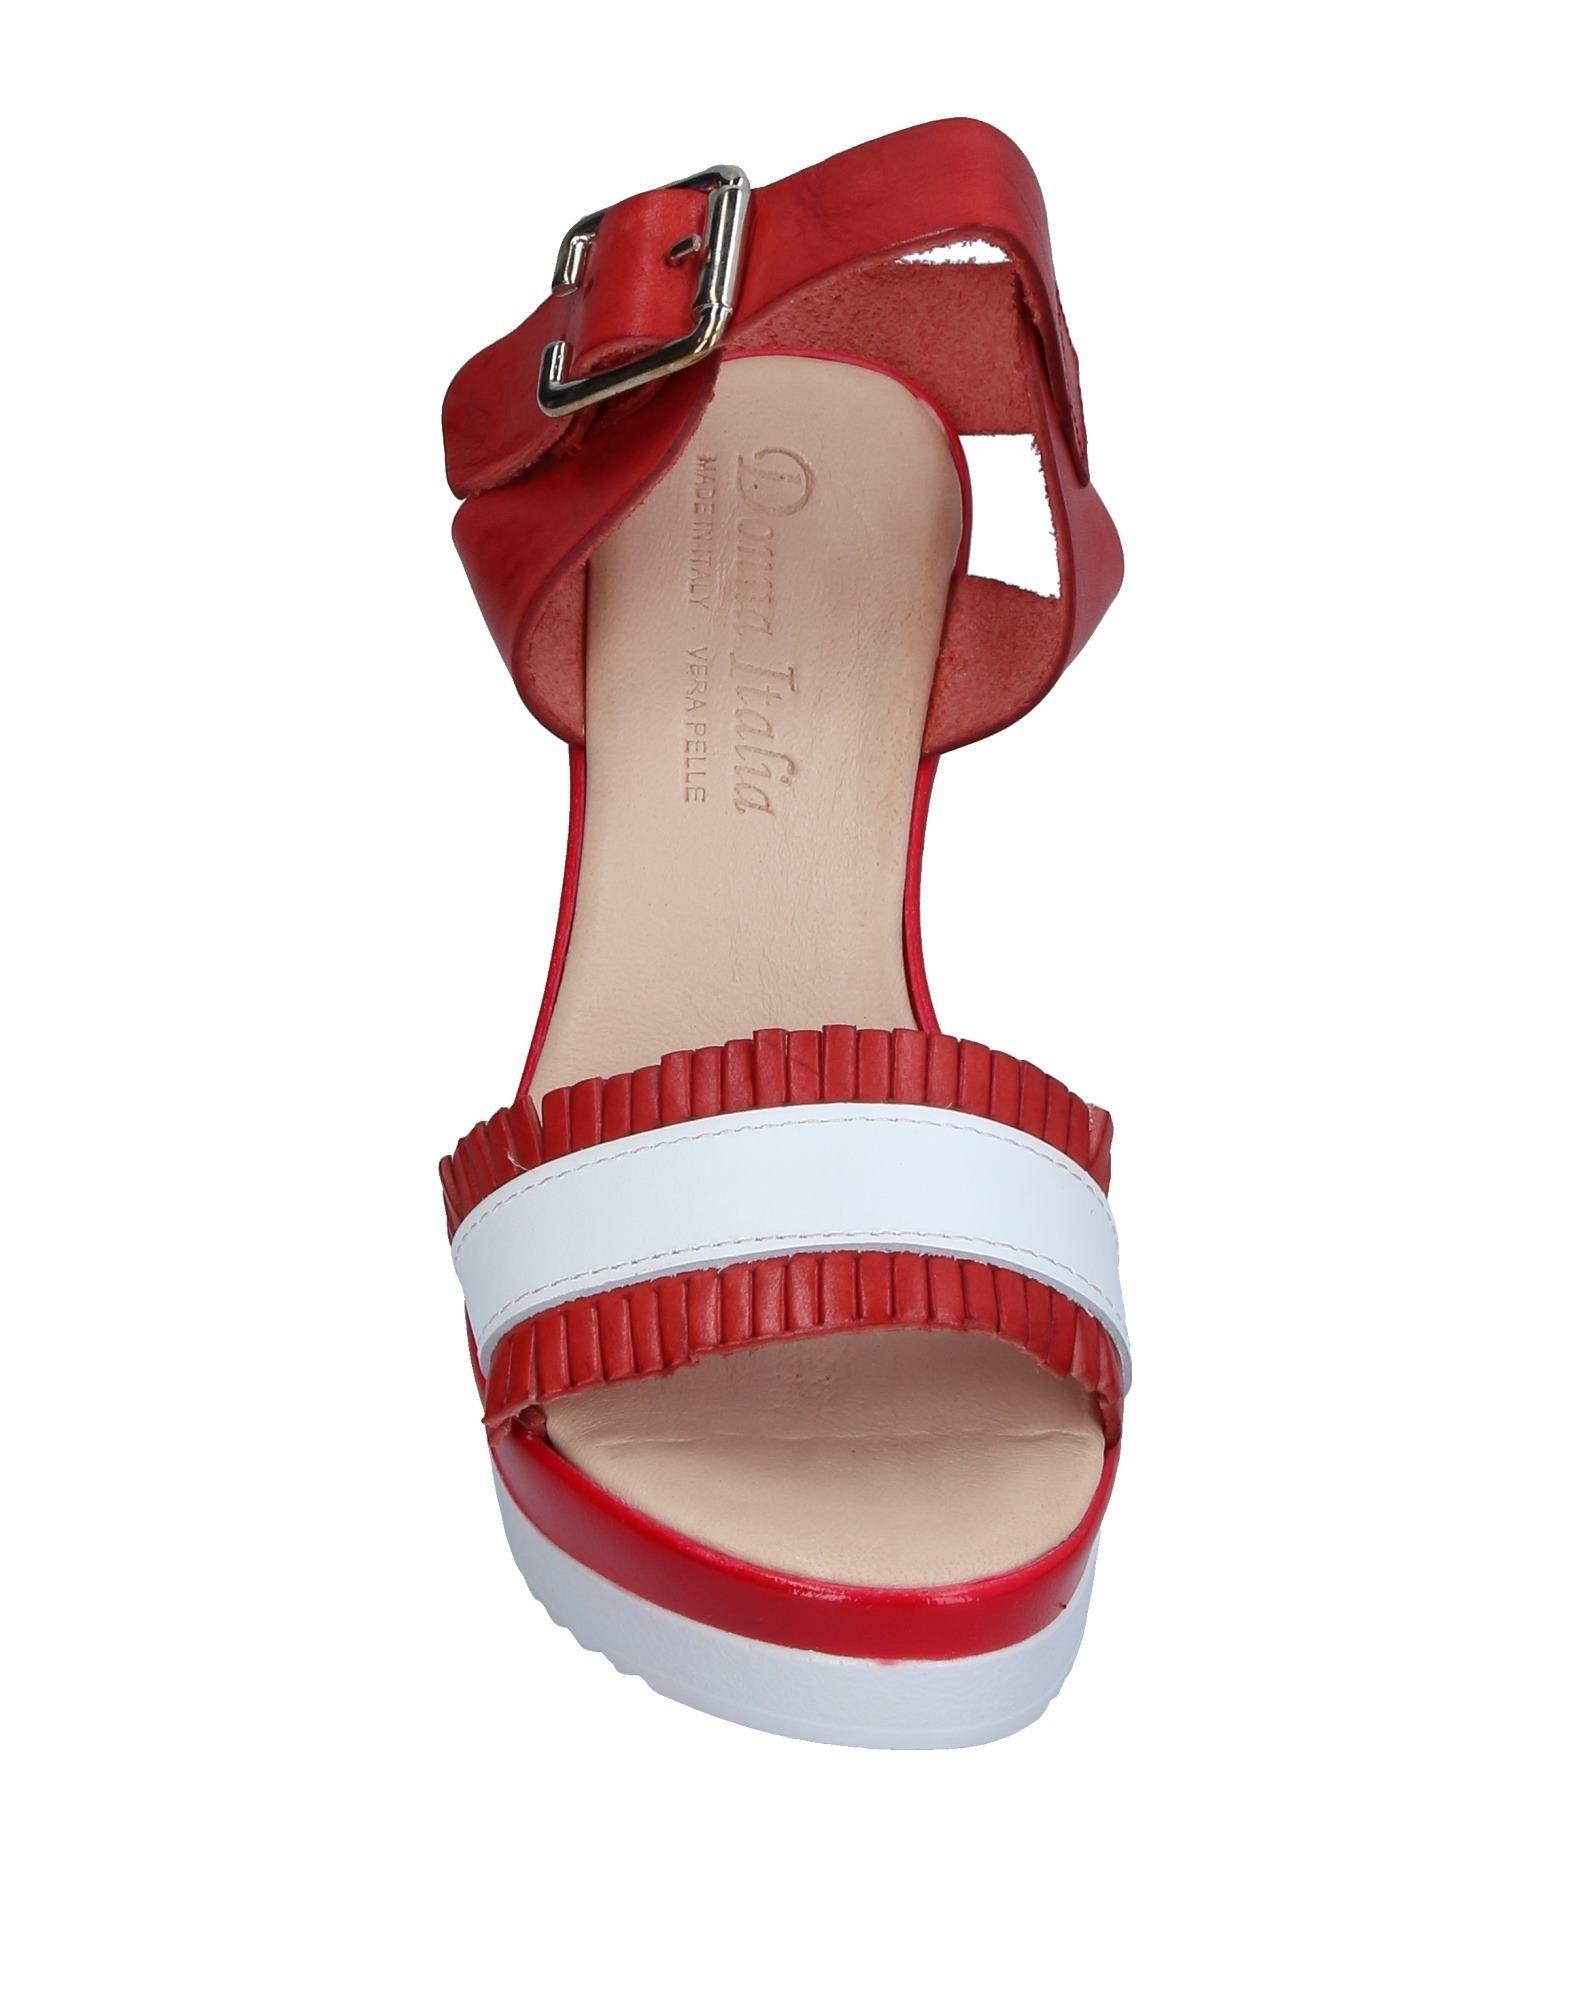 Donna Italia Sandalen Damen beliebte  11327969EQ Gute Qualität beliebte Damen Schuhe bc09ec